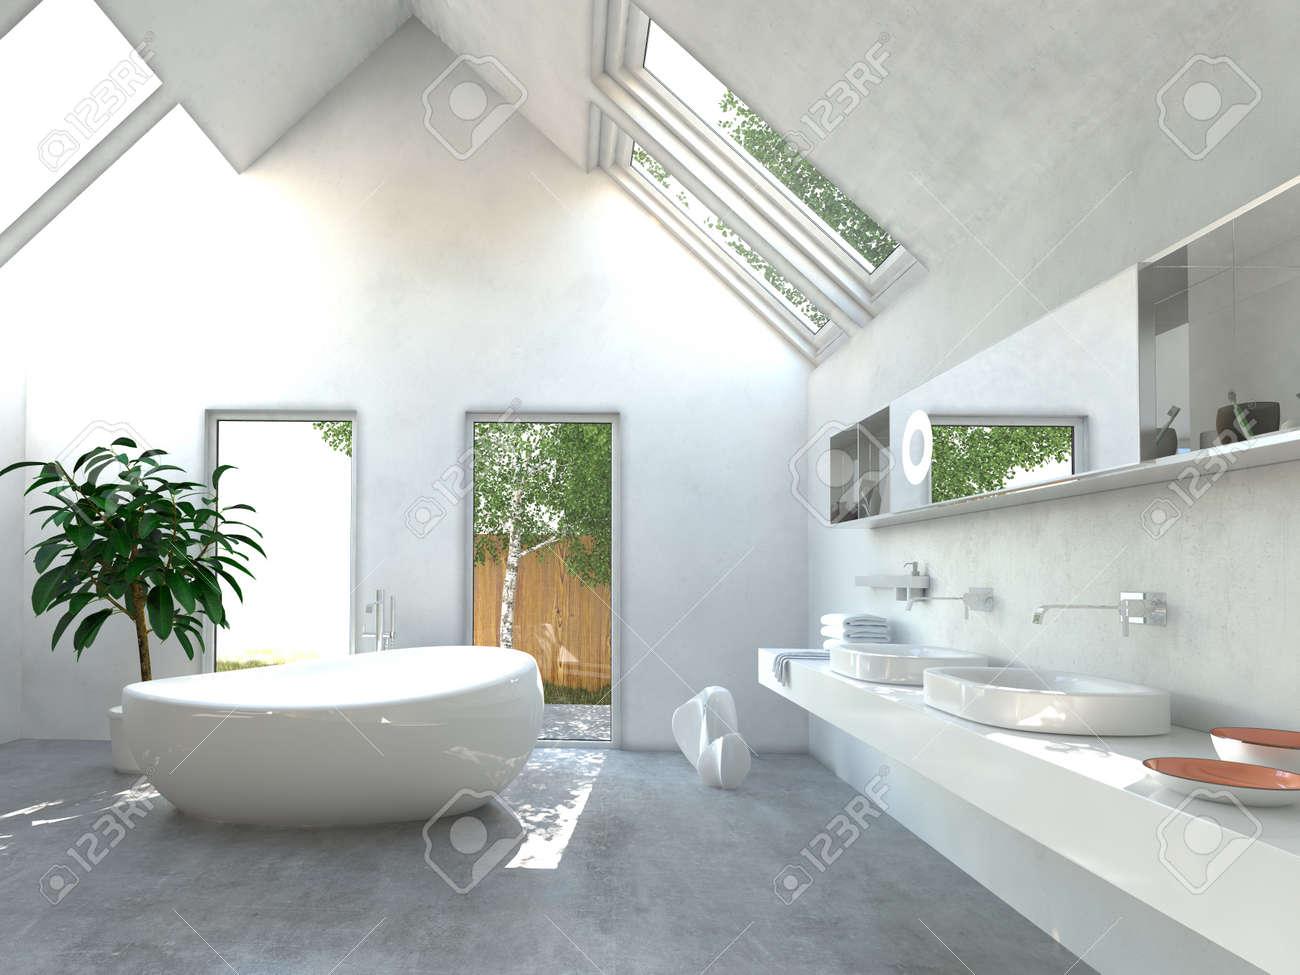 luz moderno cuarto de baño luminoso interior con una unidad de